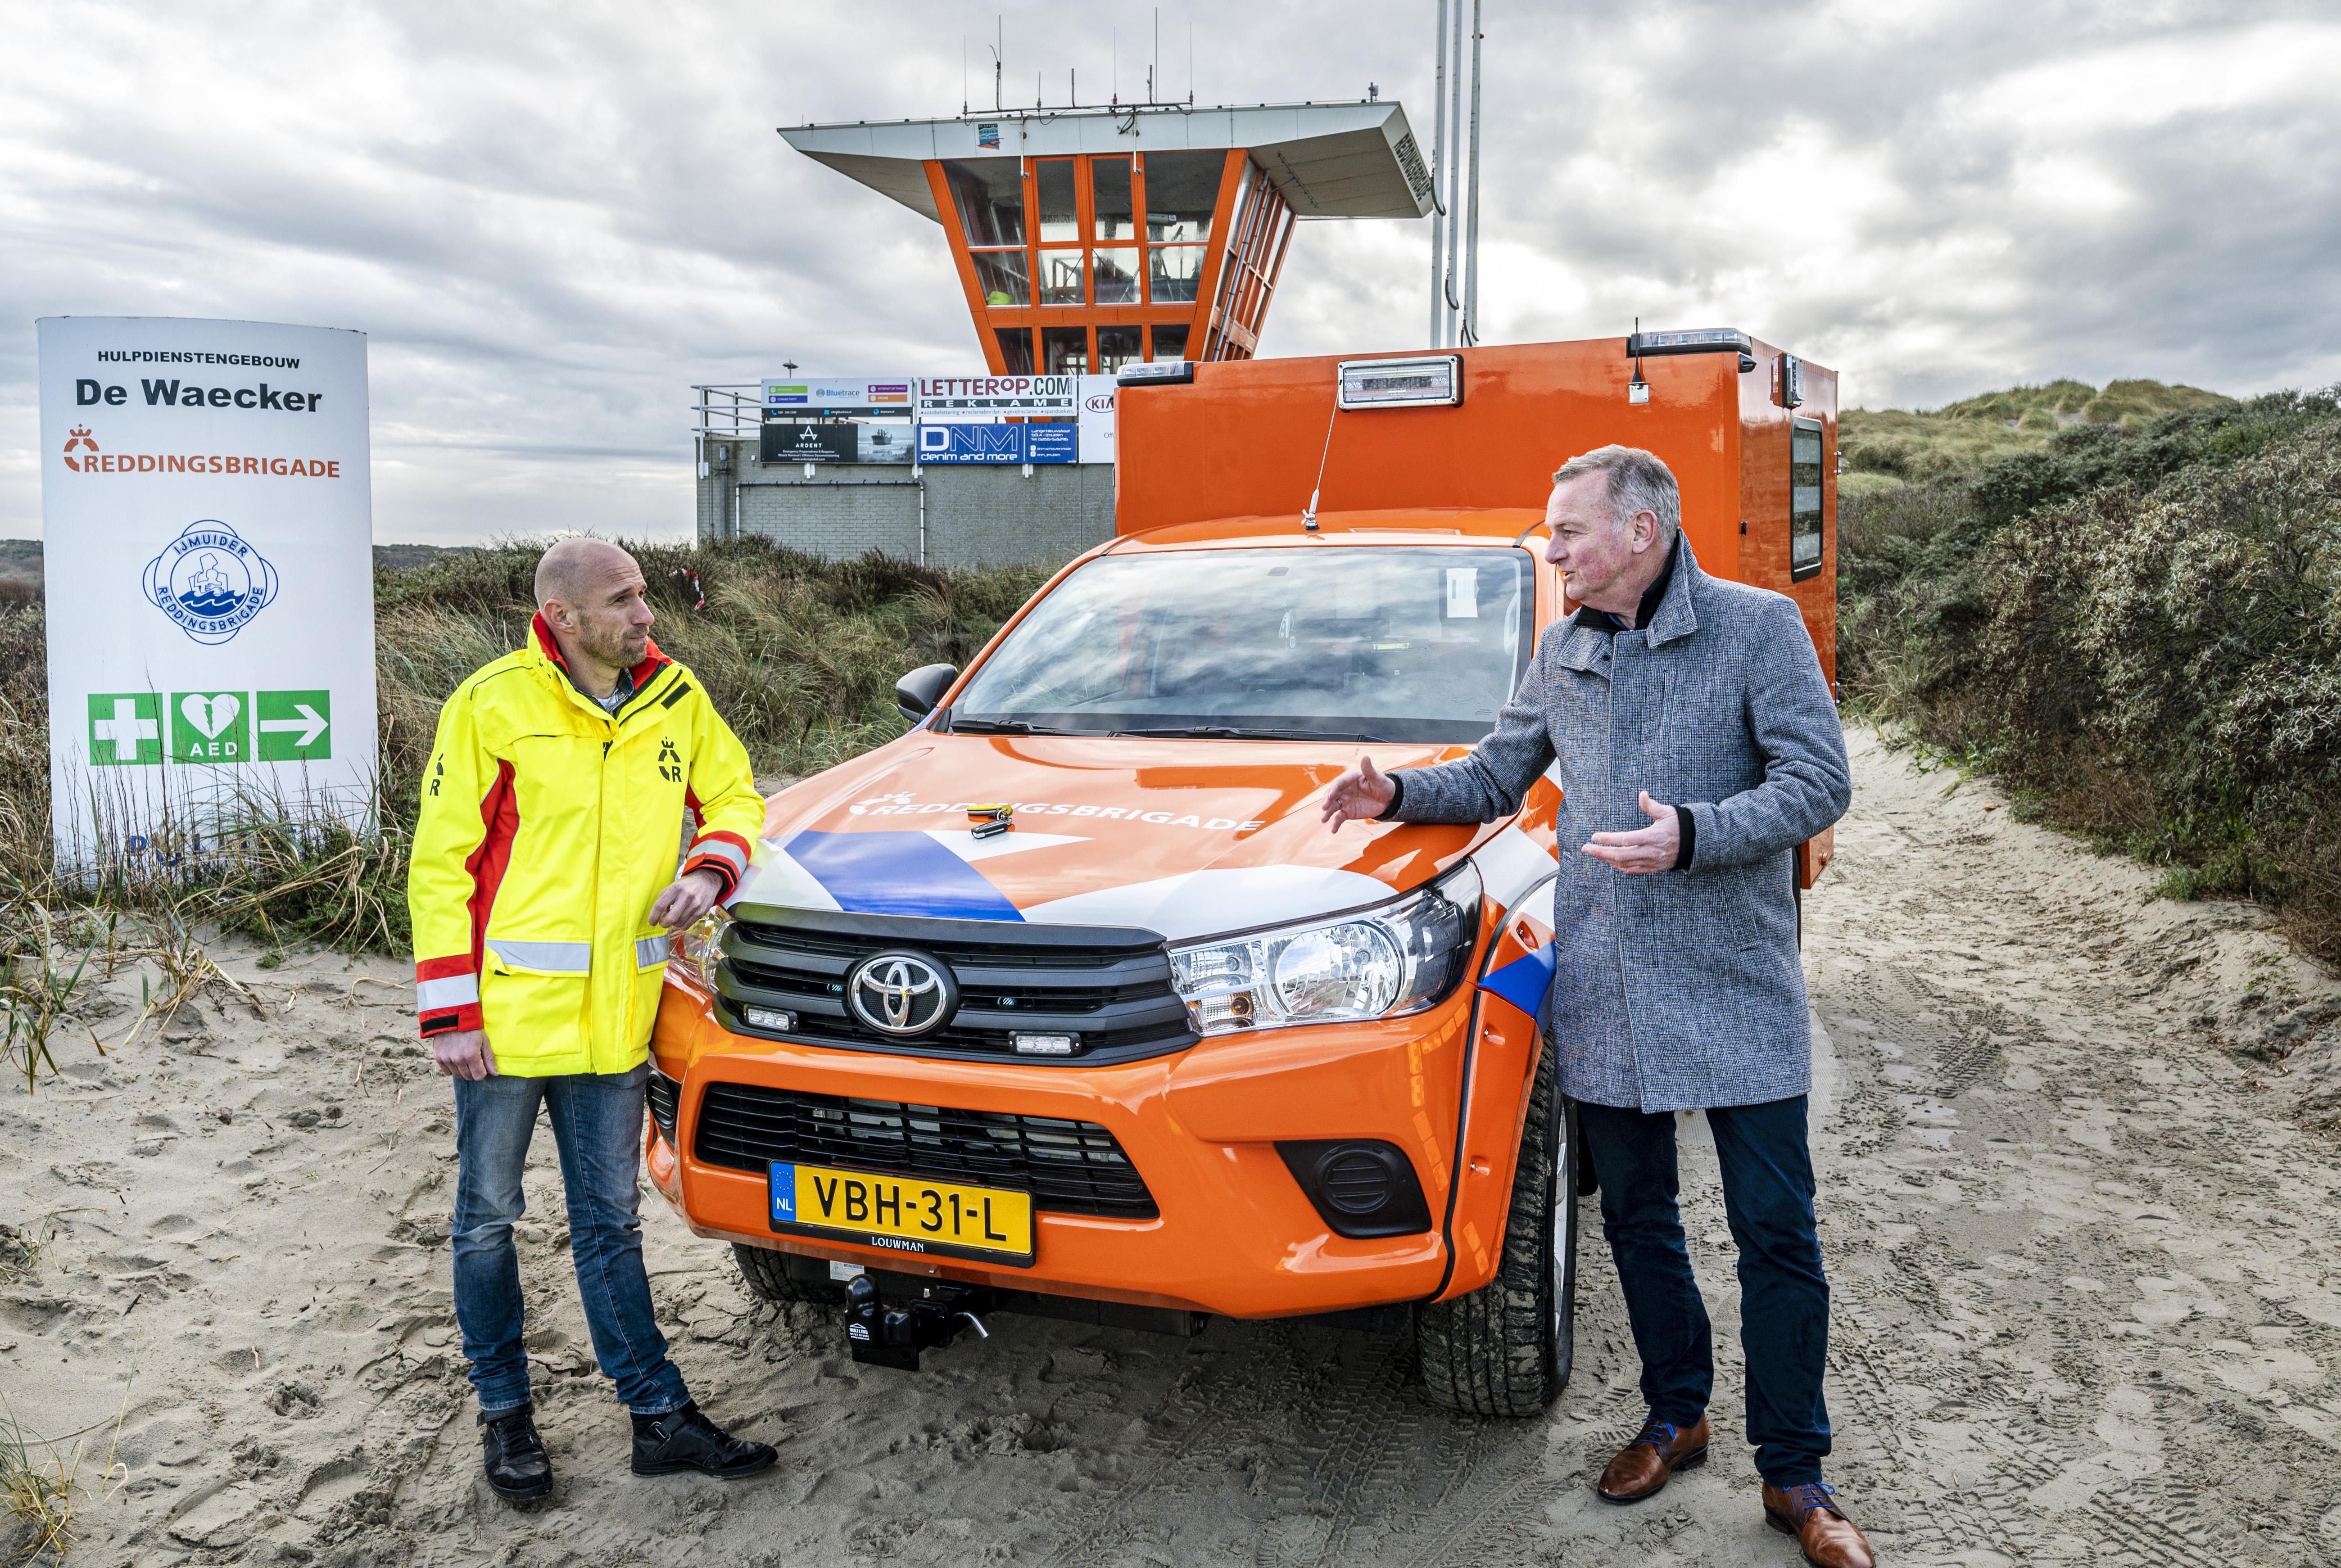 IJmuidense Reddingsbrigade gered met een nieuwe ambulance: 'Ik wens jullie weinig kilometers toe met deze wagen'